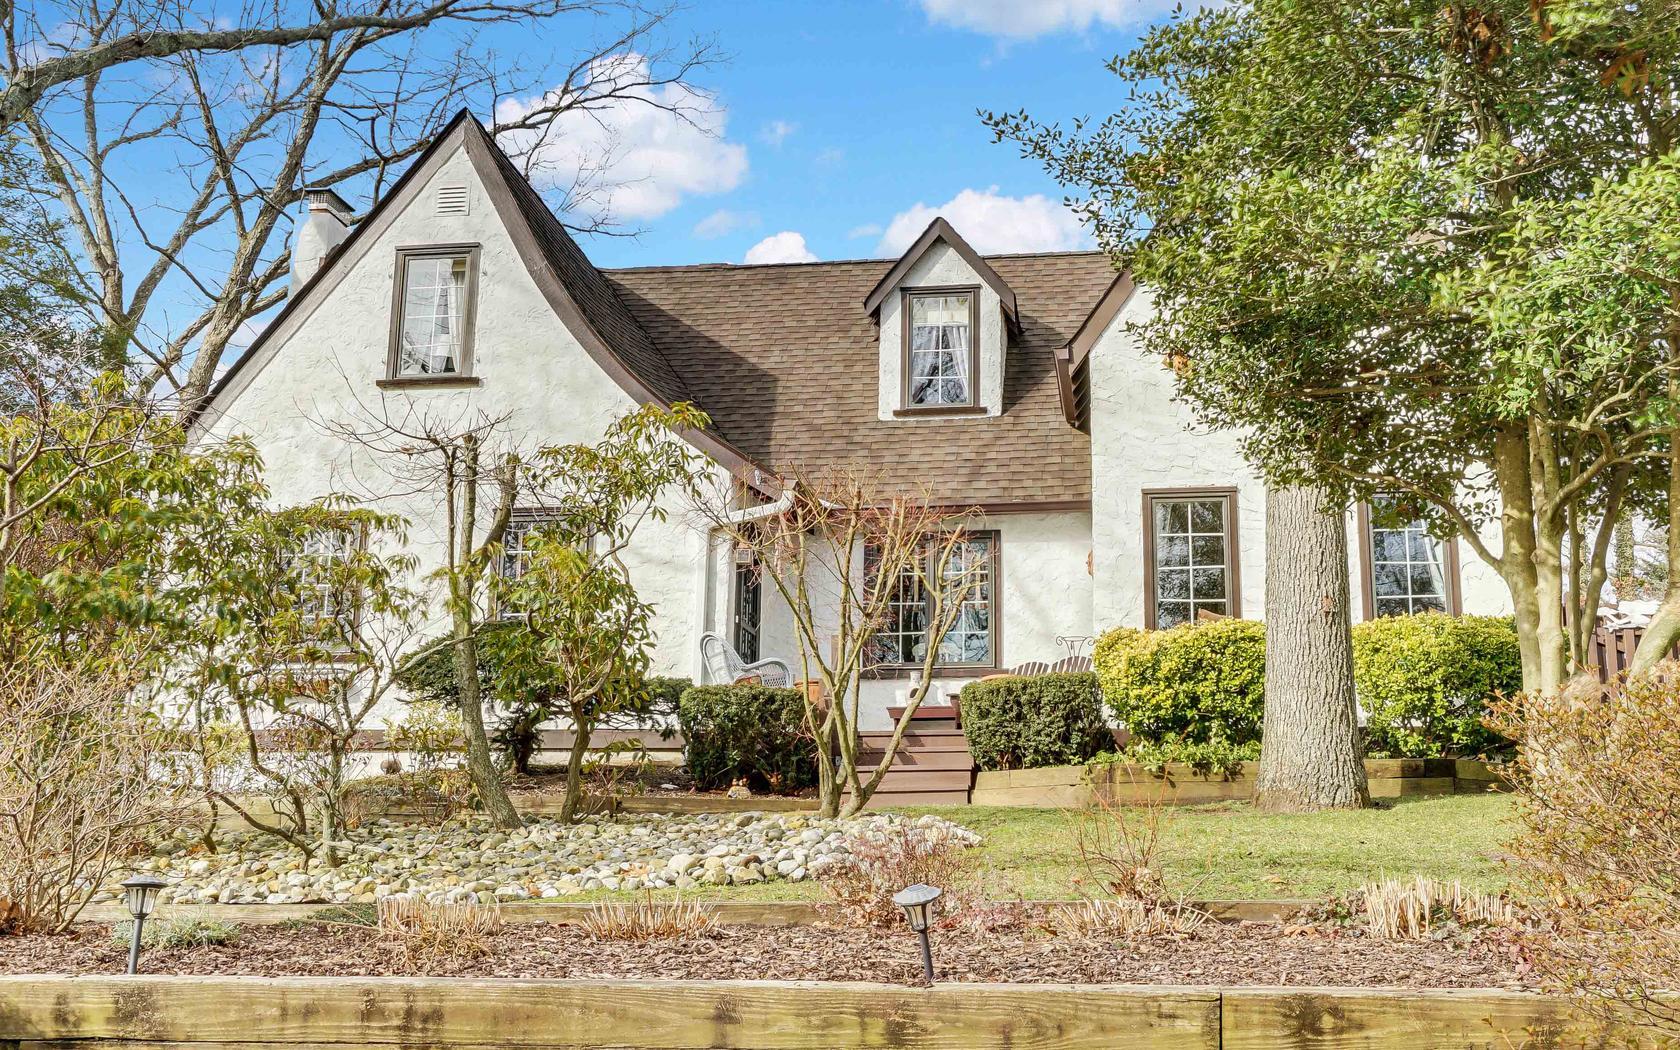 Villa per Vendita alle ore Tudor 2559 Algonkin Trail Manasquan, New Jersey, 08736 Stati Uniti